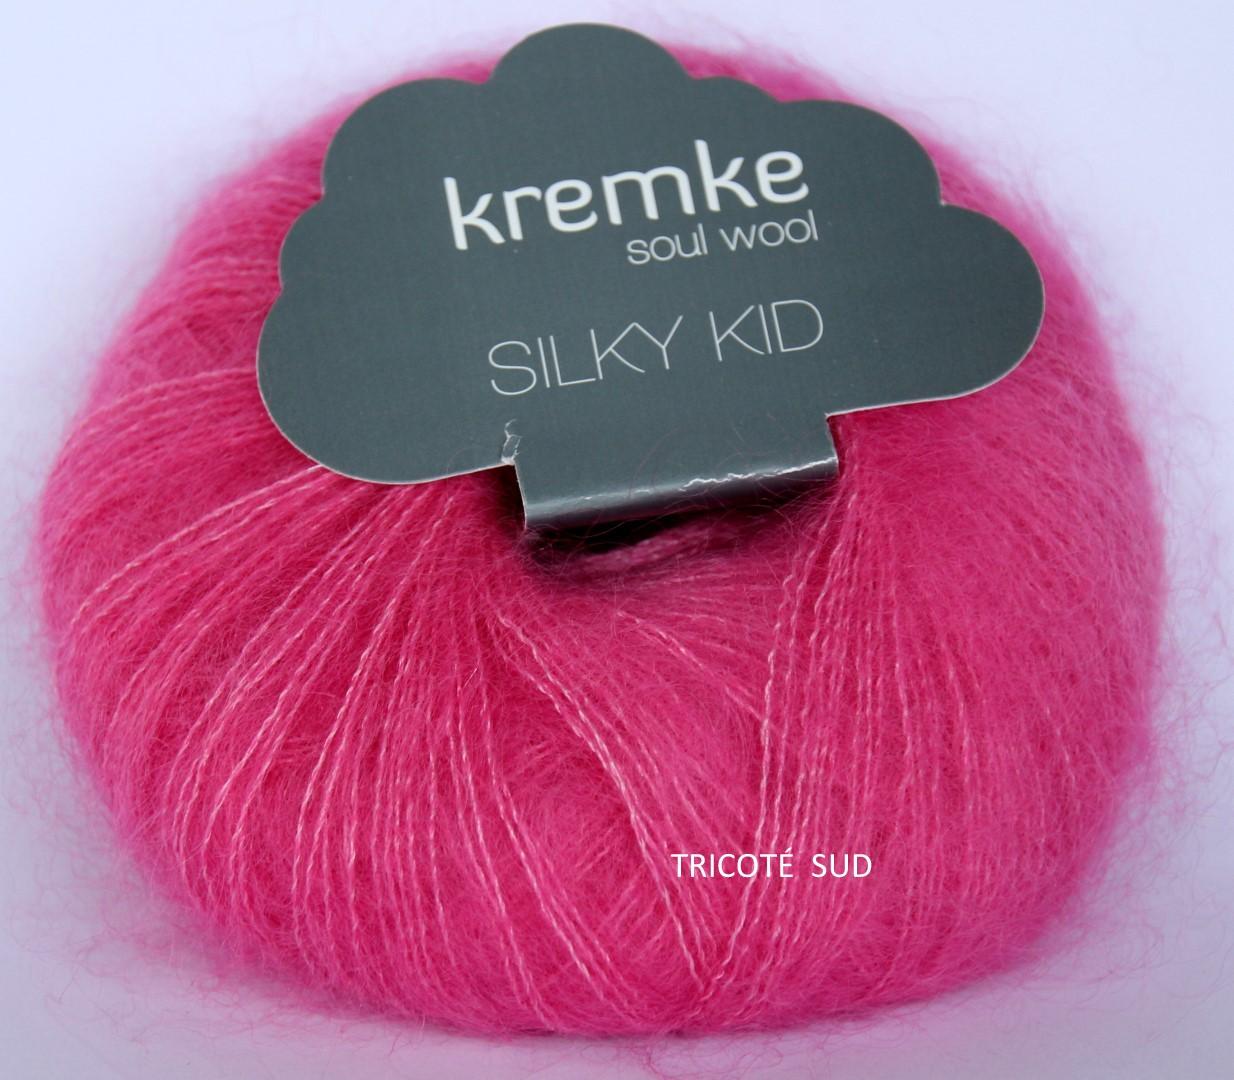 KREMKE SILKY KID 106 (Large)